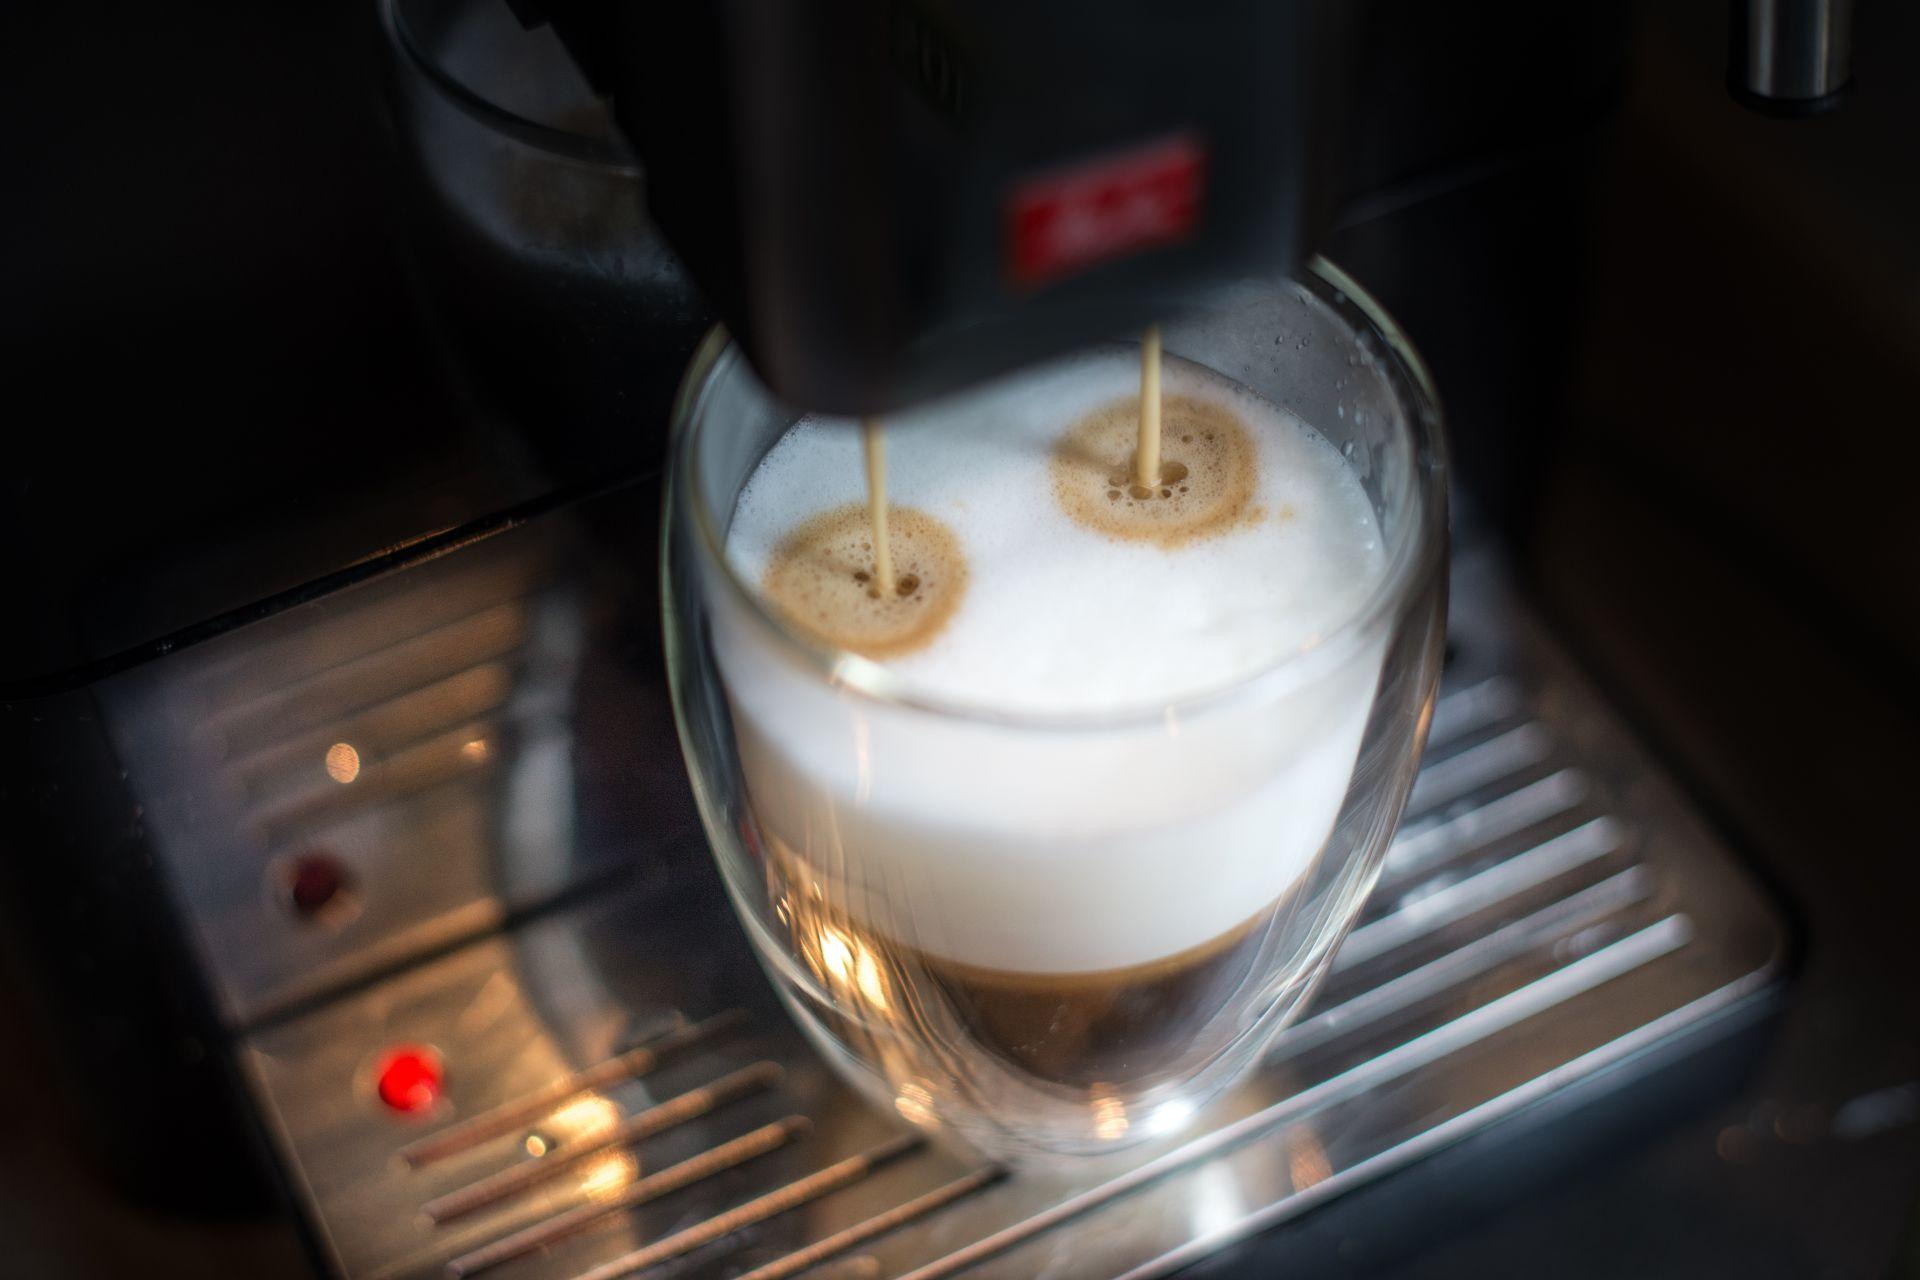 Espresso läuft aus einem Kaffeevollautomaten in ein Glas mit Milchschaum als Beispiel für eine Produkt-Innovation der Innovationsarten